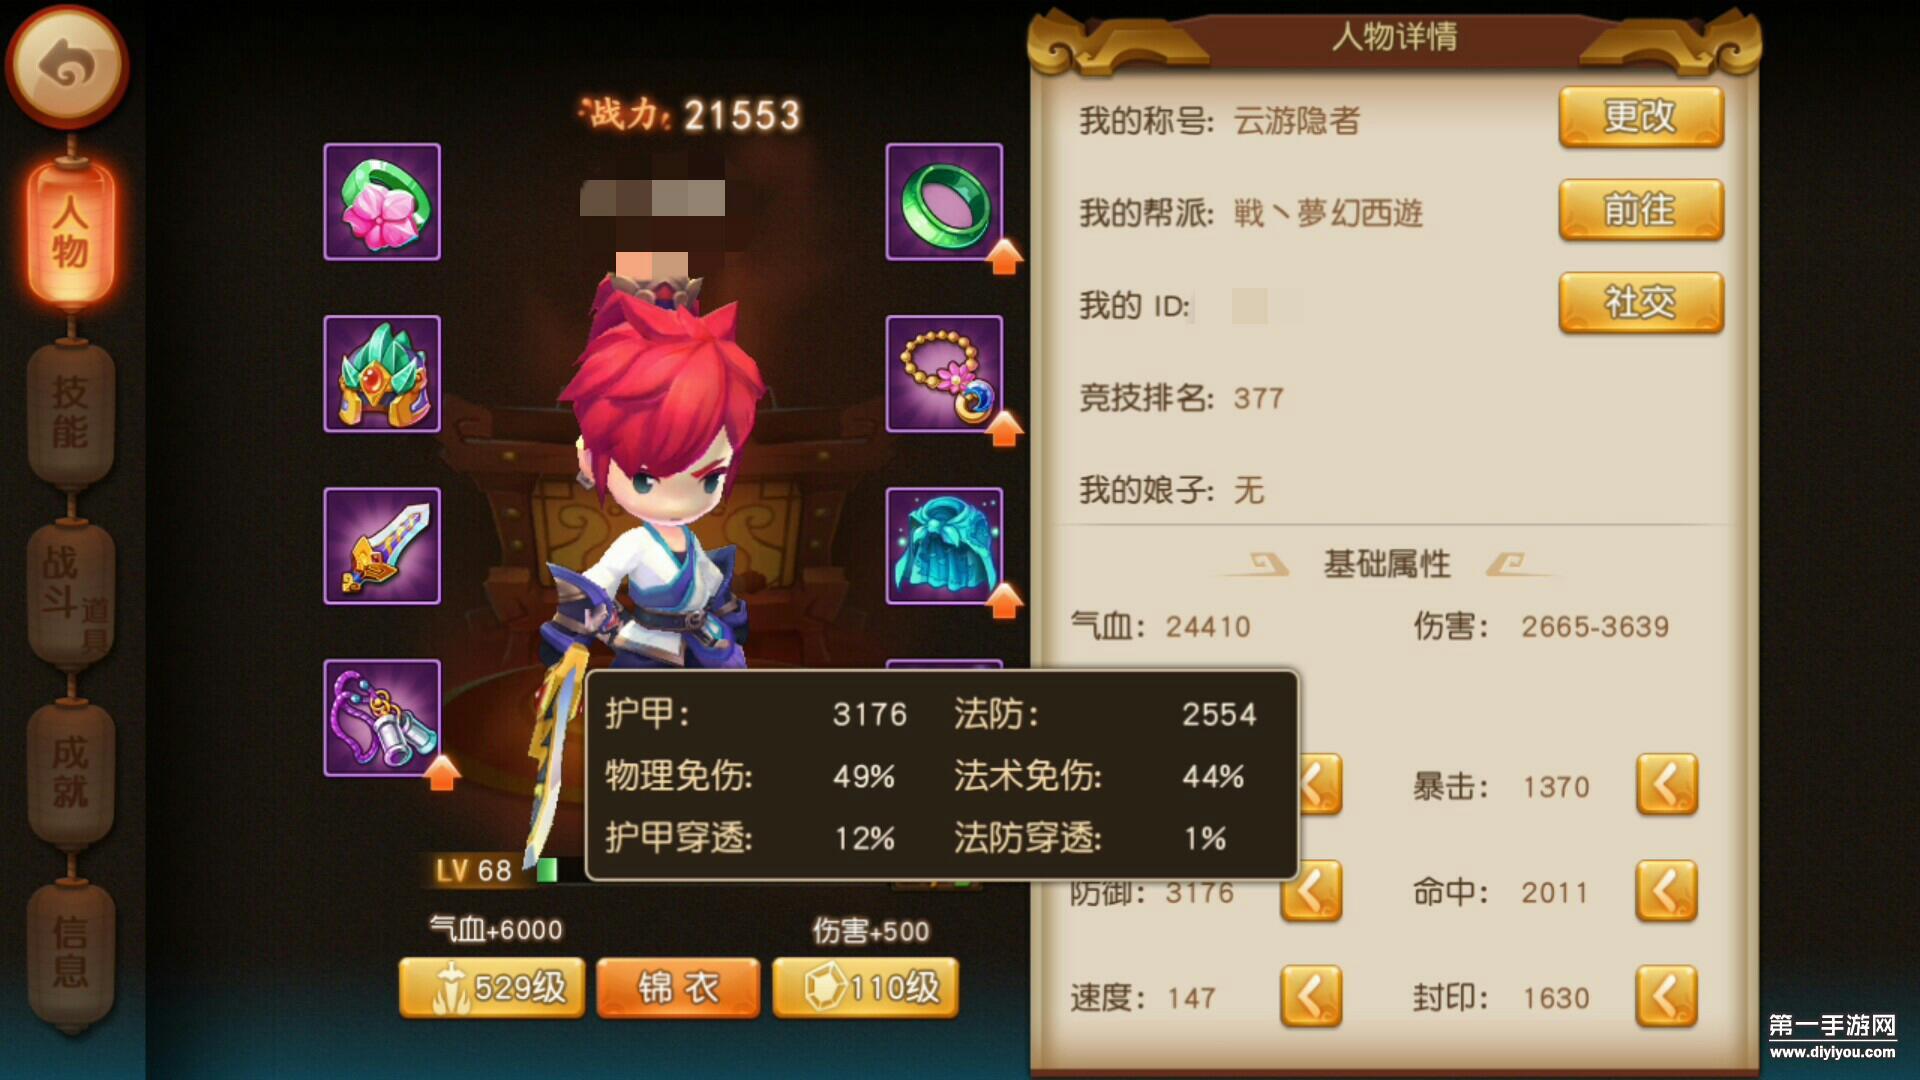 梦幻西游无双版红色物穿宝石效果实测